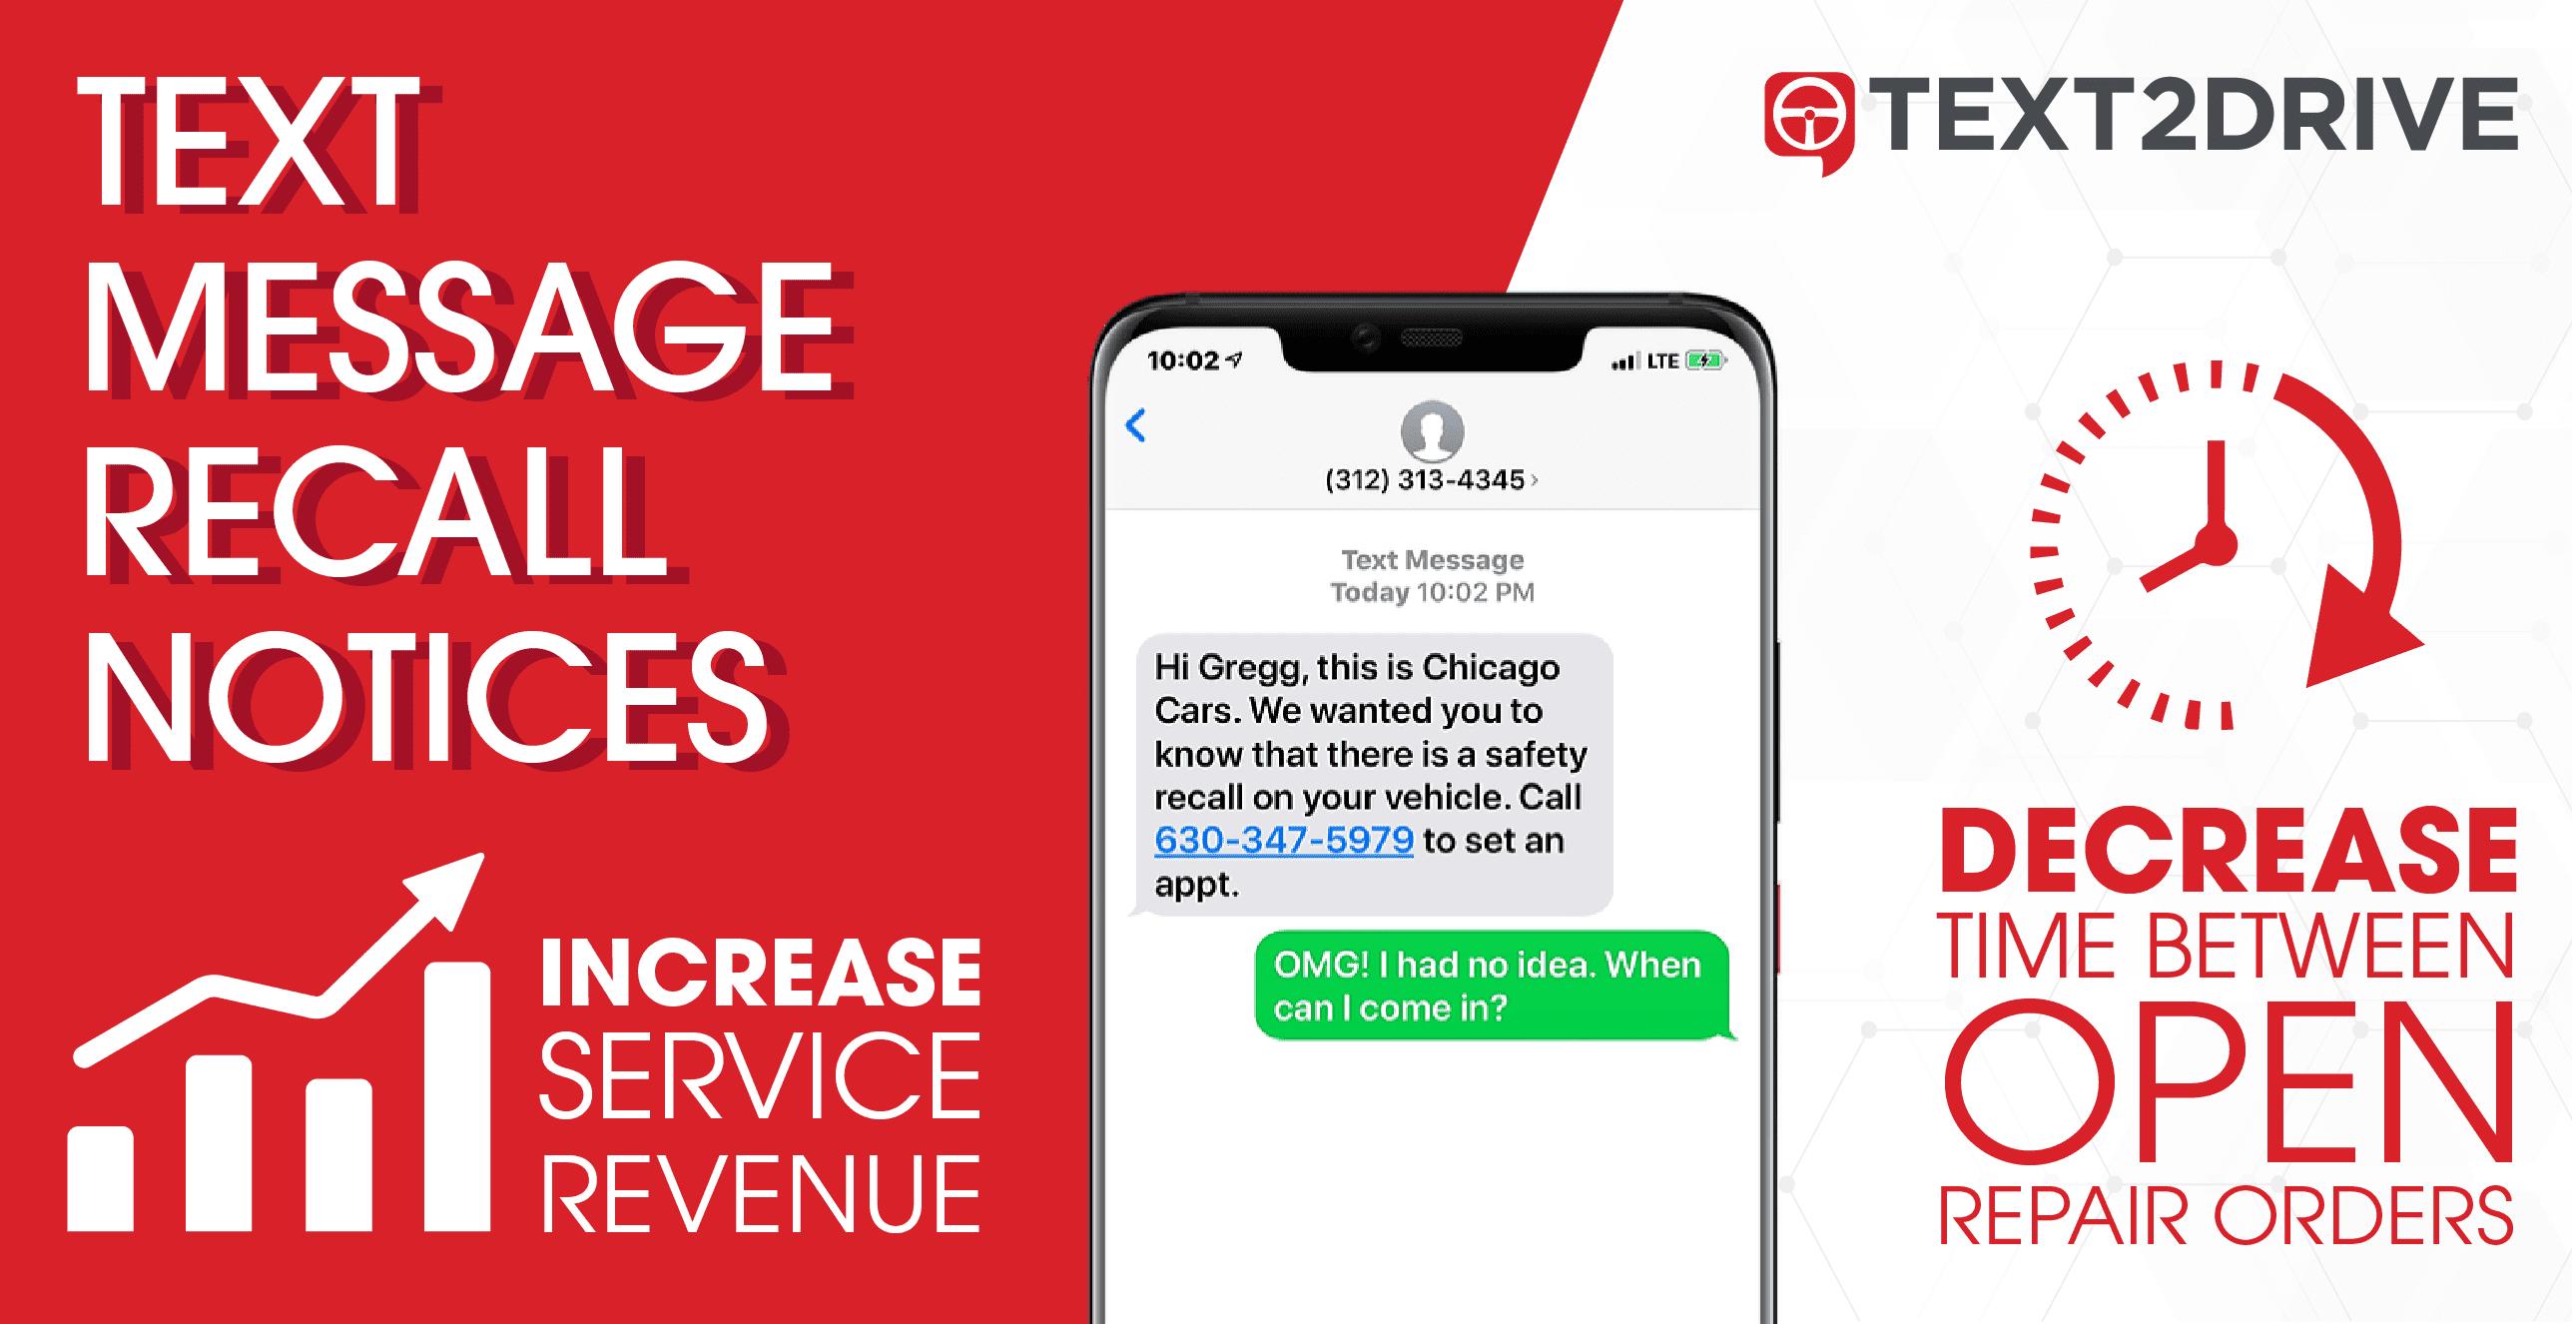 Avis de rappel de messages texte Augmenter les revenus de service Réduire le délai entre les bureaux d'enregistrement ouverts